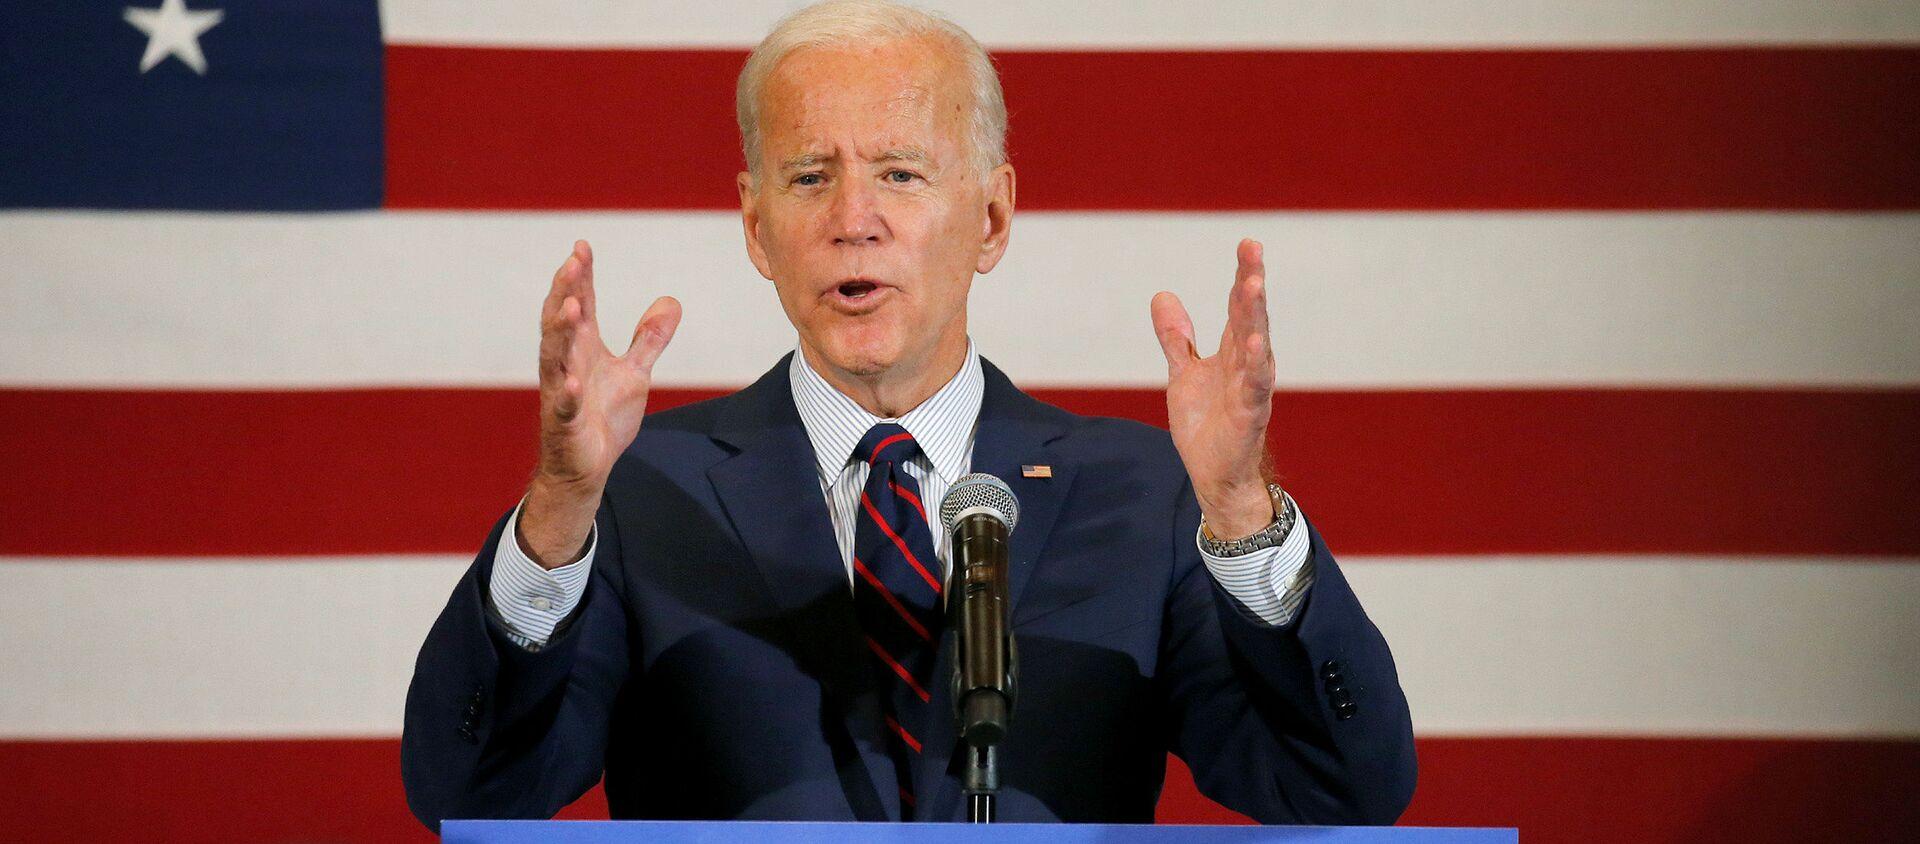 Ứng cử viên tổng thống Hoa Kỳ Joe Biden phát biểu như một phần của chiến dịch của mình - Sputnik Việt Nam, 1920, 02.05.2020